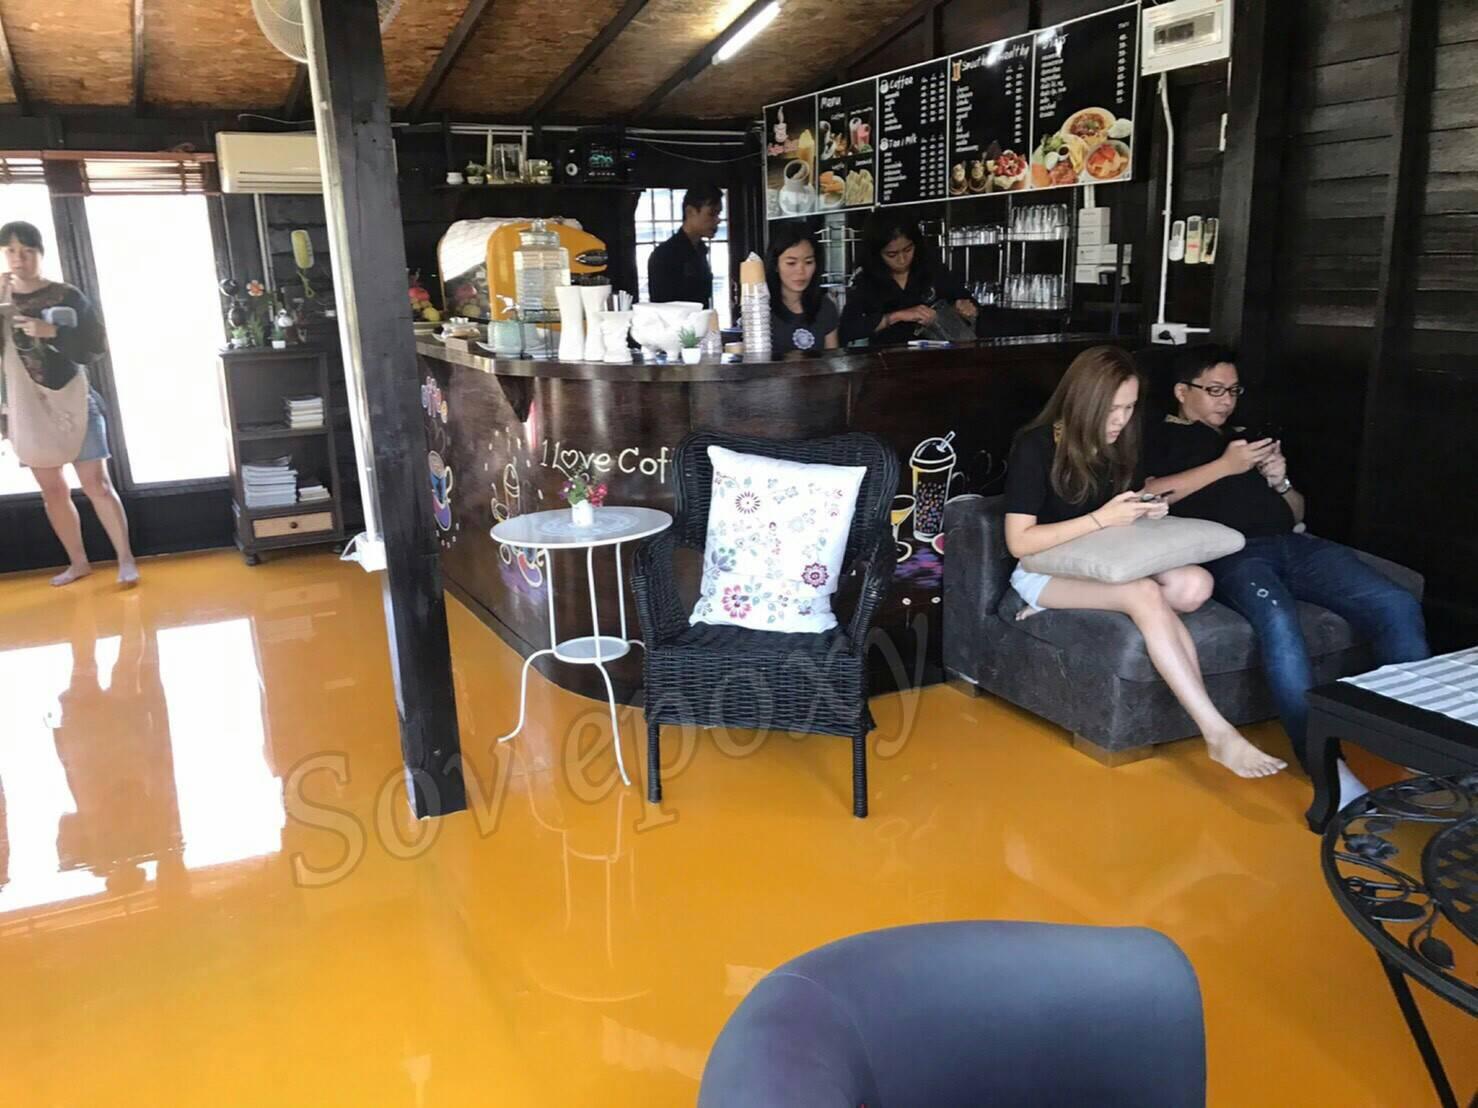 SOV & Coffee Chillเปิดให้บริการแล้วในโซนของ ร้านกาแฟ 5